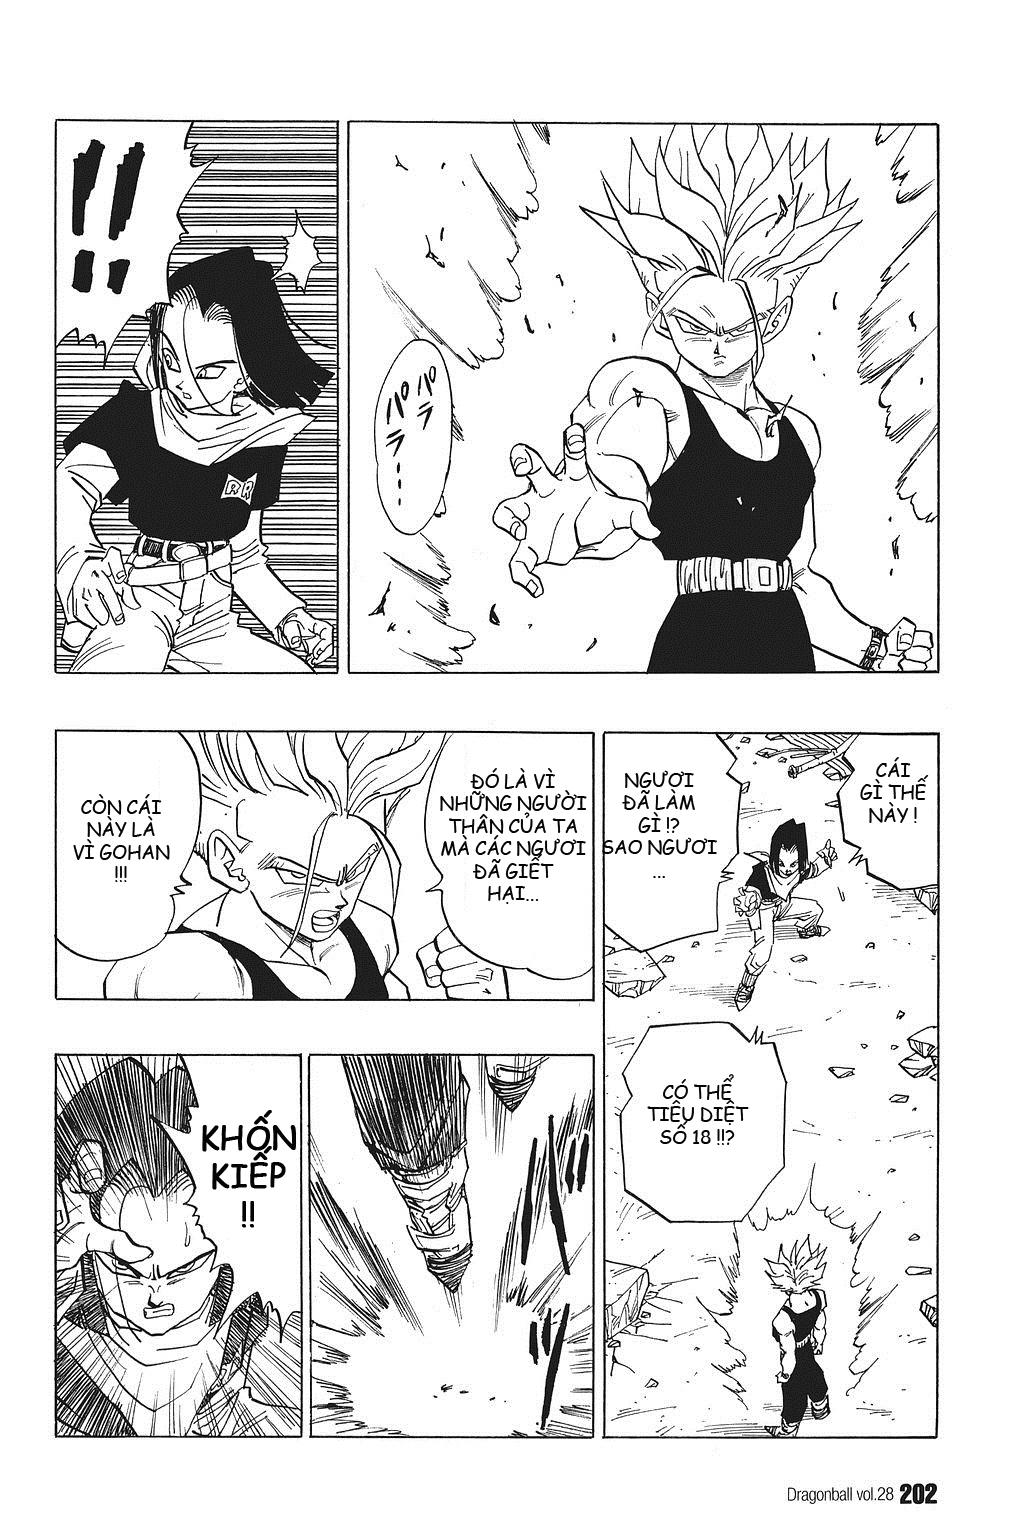 xem truyen moi - Dragon Ball Bản Vip - Bản Đẹp Nguyên Gốc Chap 419